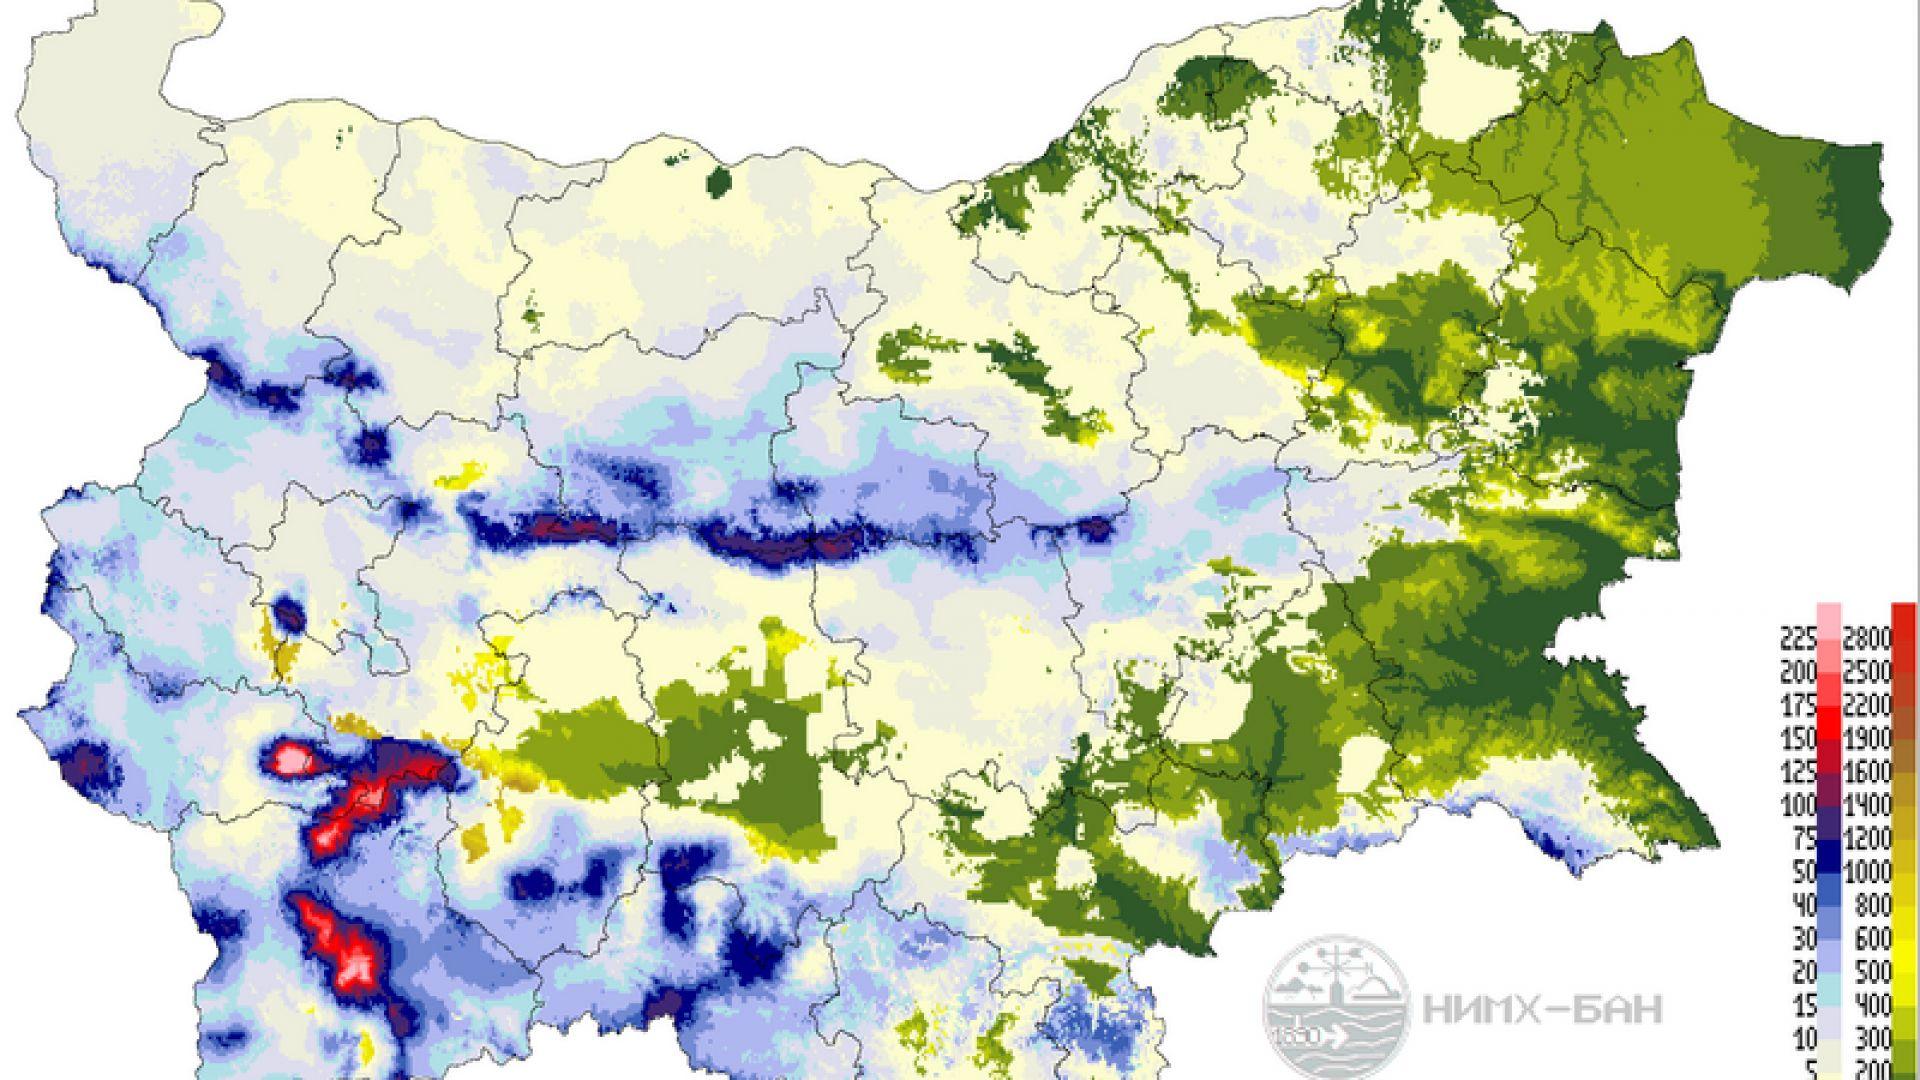 Снежната покривка у нас е символична, на фона на тази в много държави от Югоизточна и Централна Европа